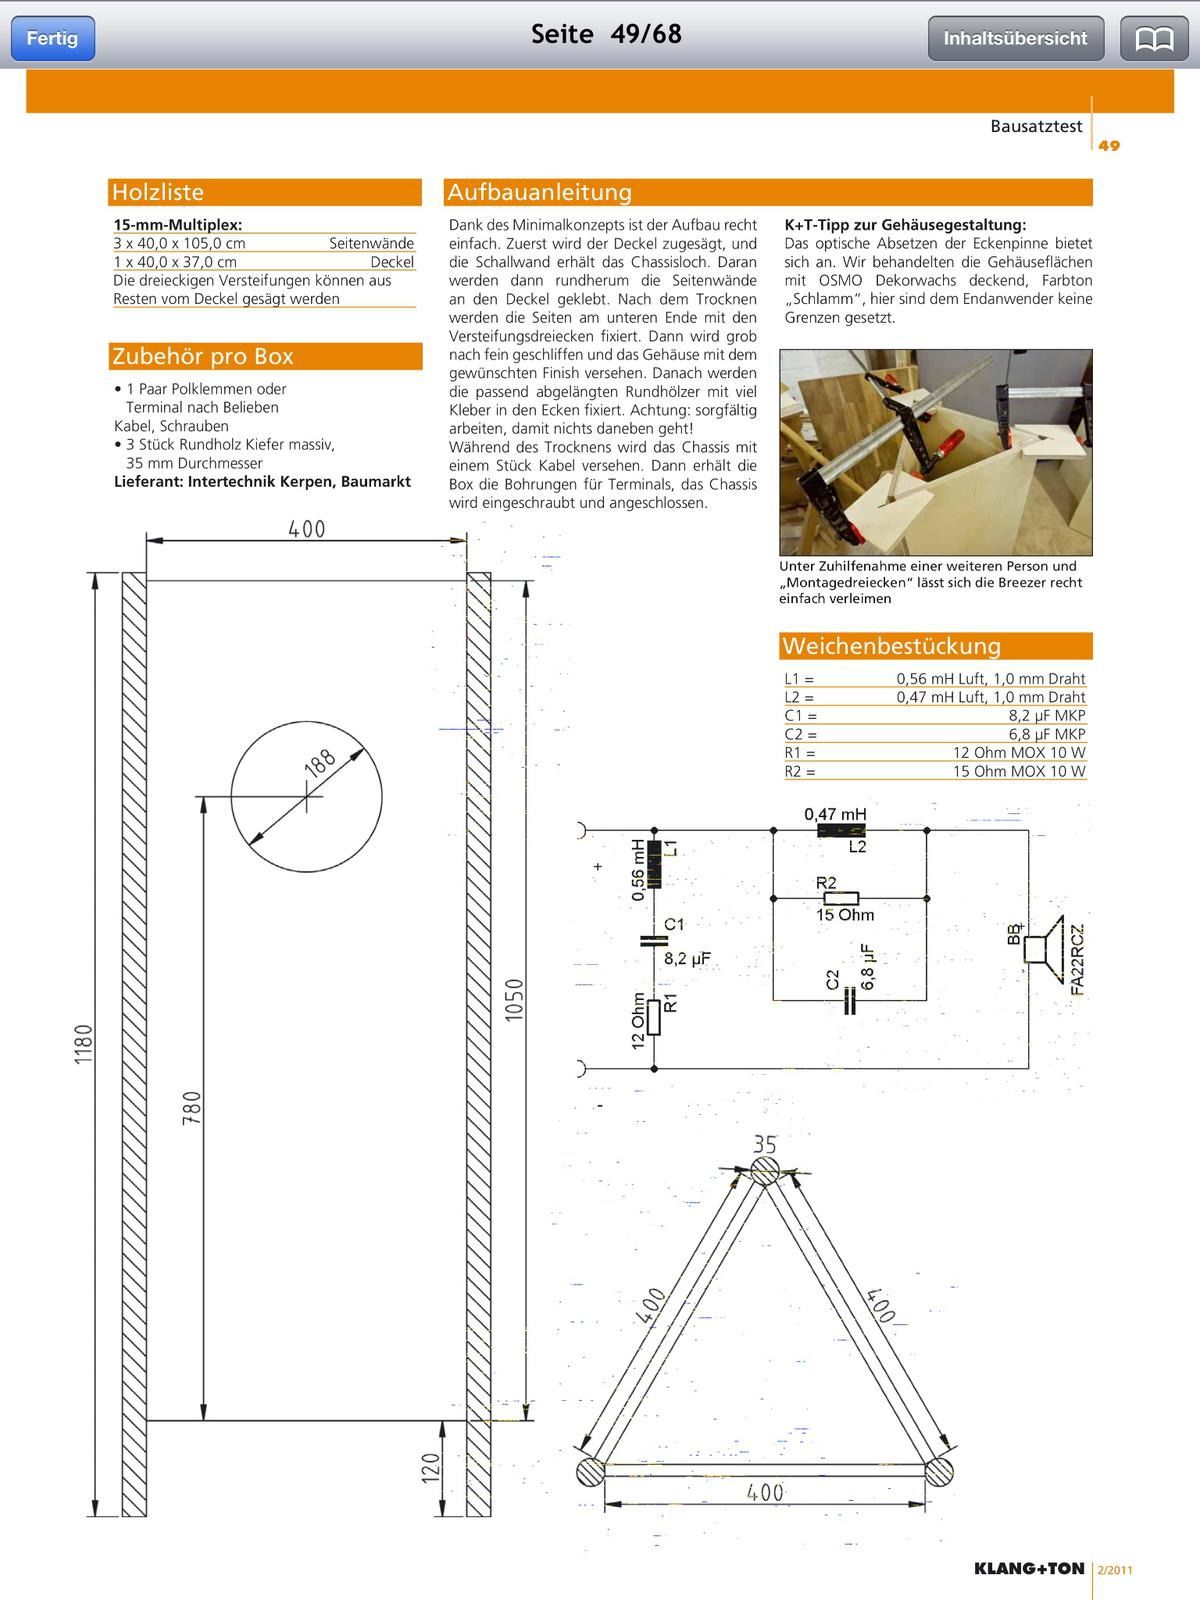 Wunderbar Draht Ohm Diagramm Fotos - Elektrische Schaltplan-Ideen ...